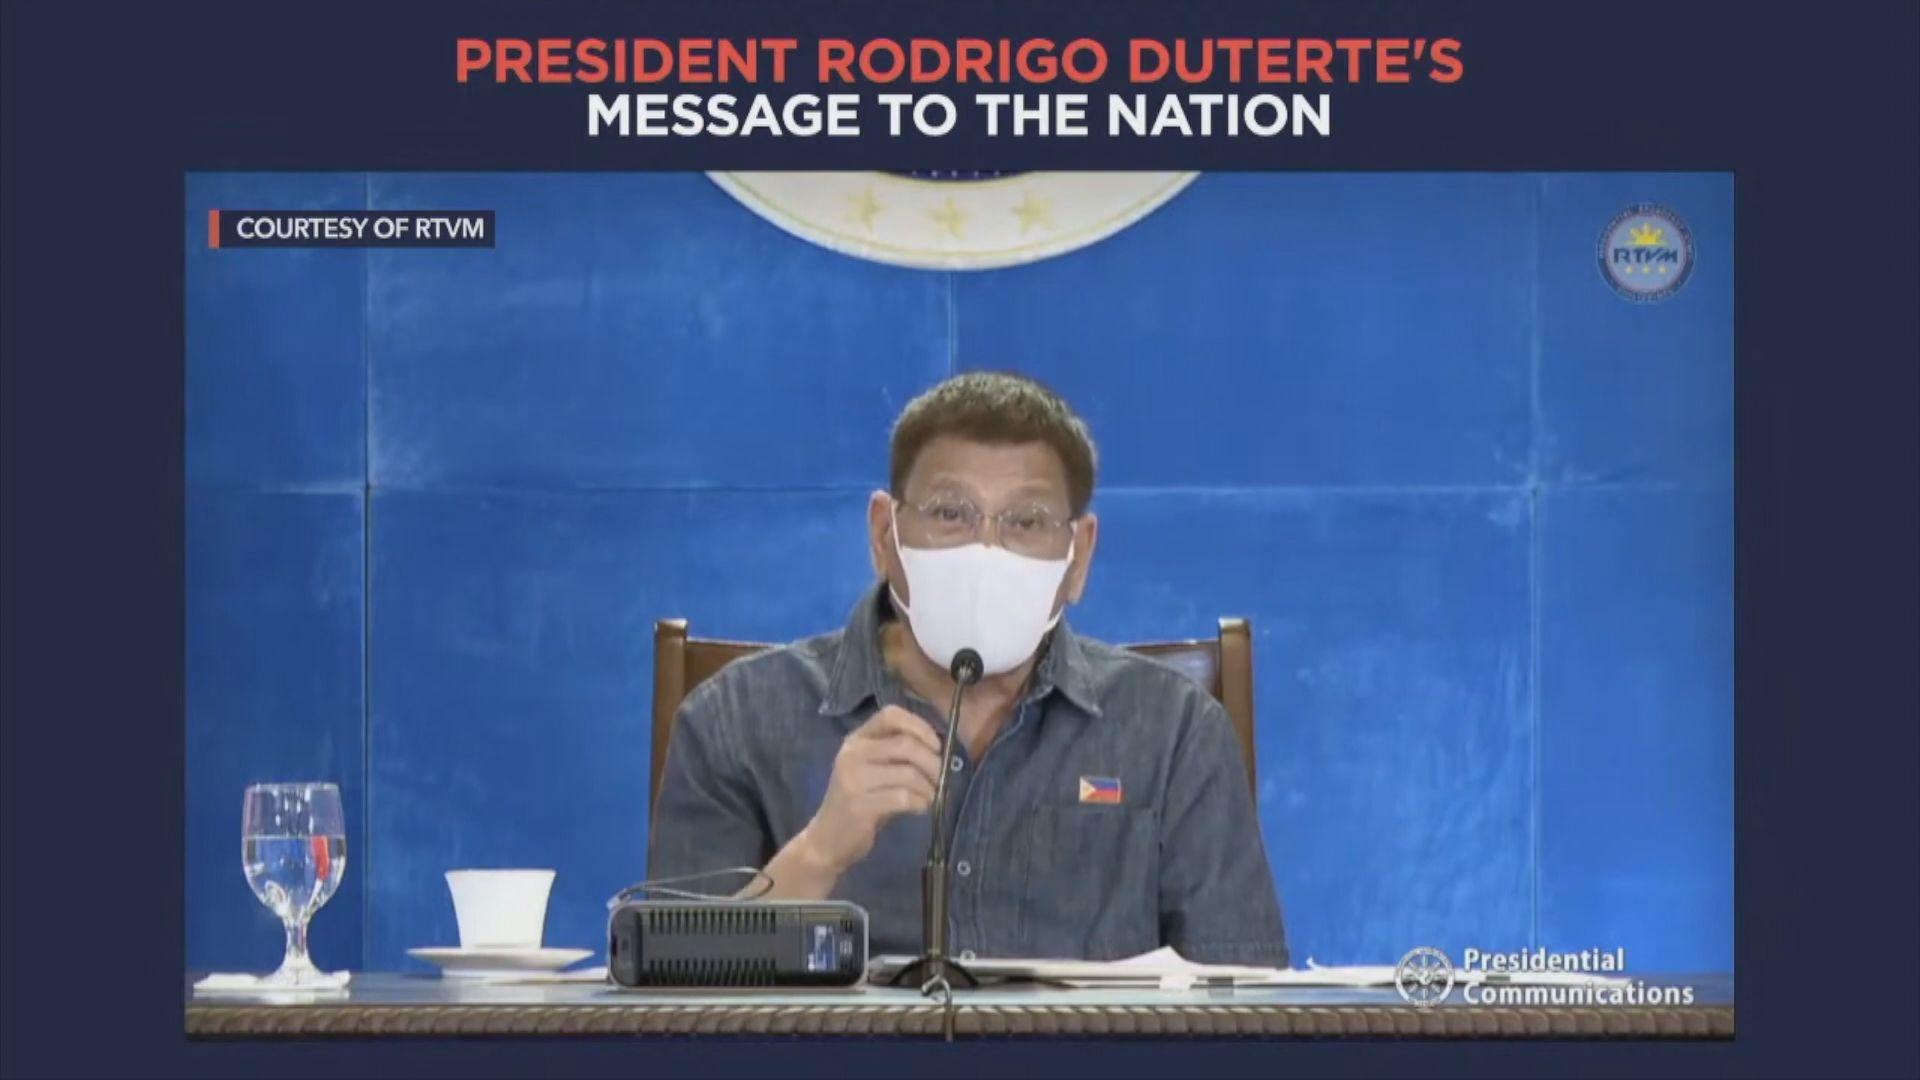 【即日焦點】消息:《蘋果日報》部分版面主管已辭職 林鄭:依法處理相關勞資糾紛;菲律賓總統:拒接種新冠疫苗或被判監